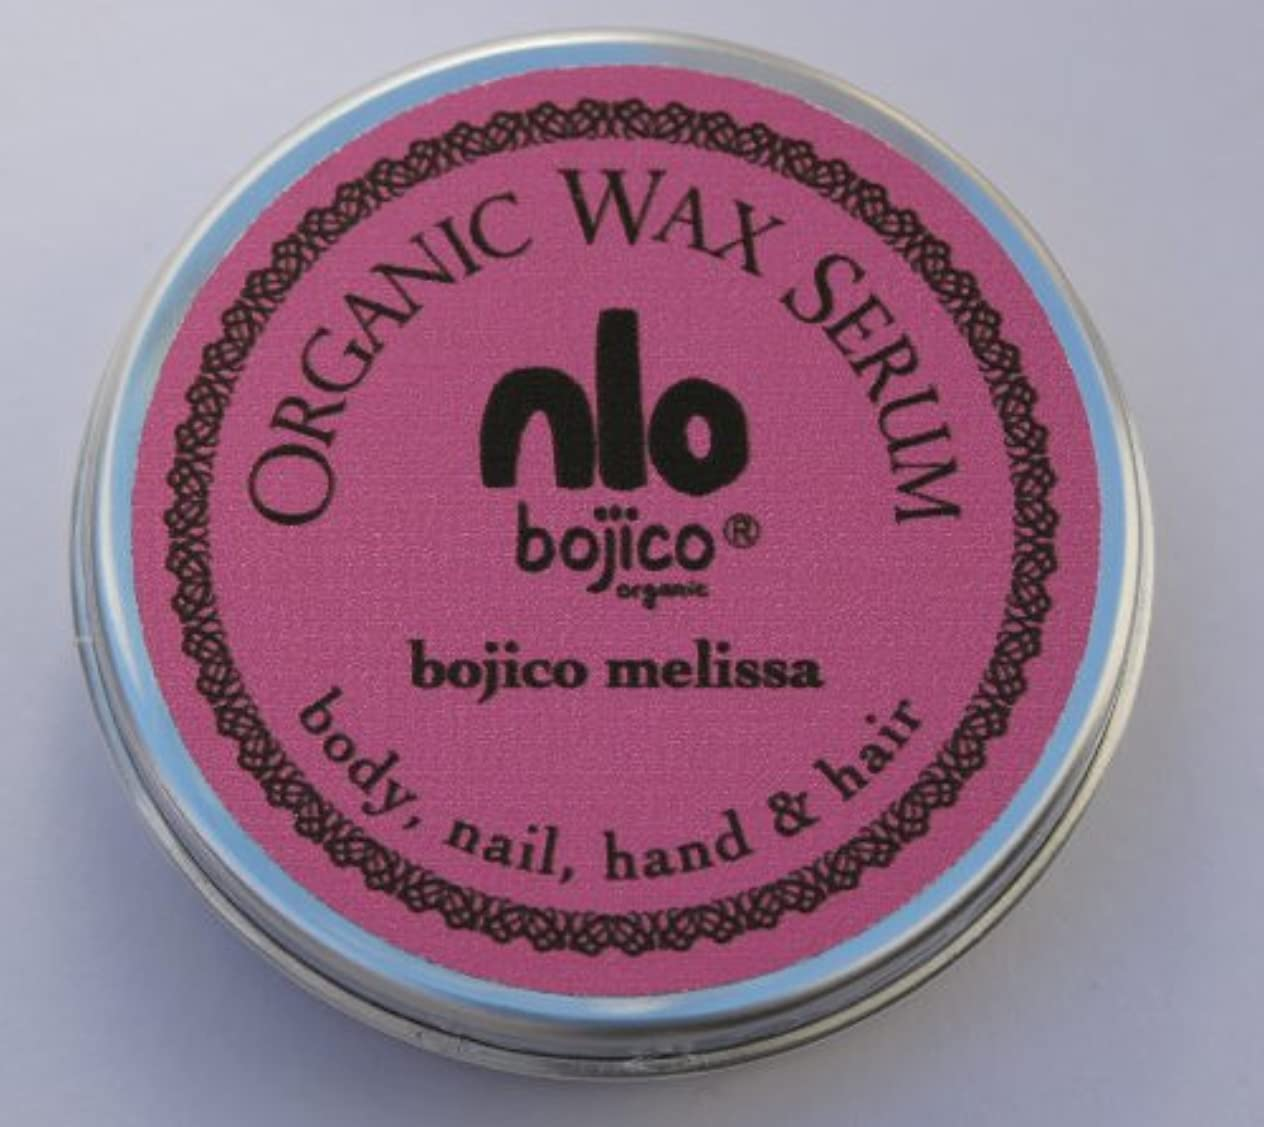 スペア応答黒bojico オーガニック ワックス セラム<メリッサ> Organic Wax Serum 18g